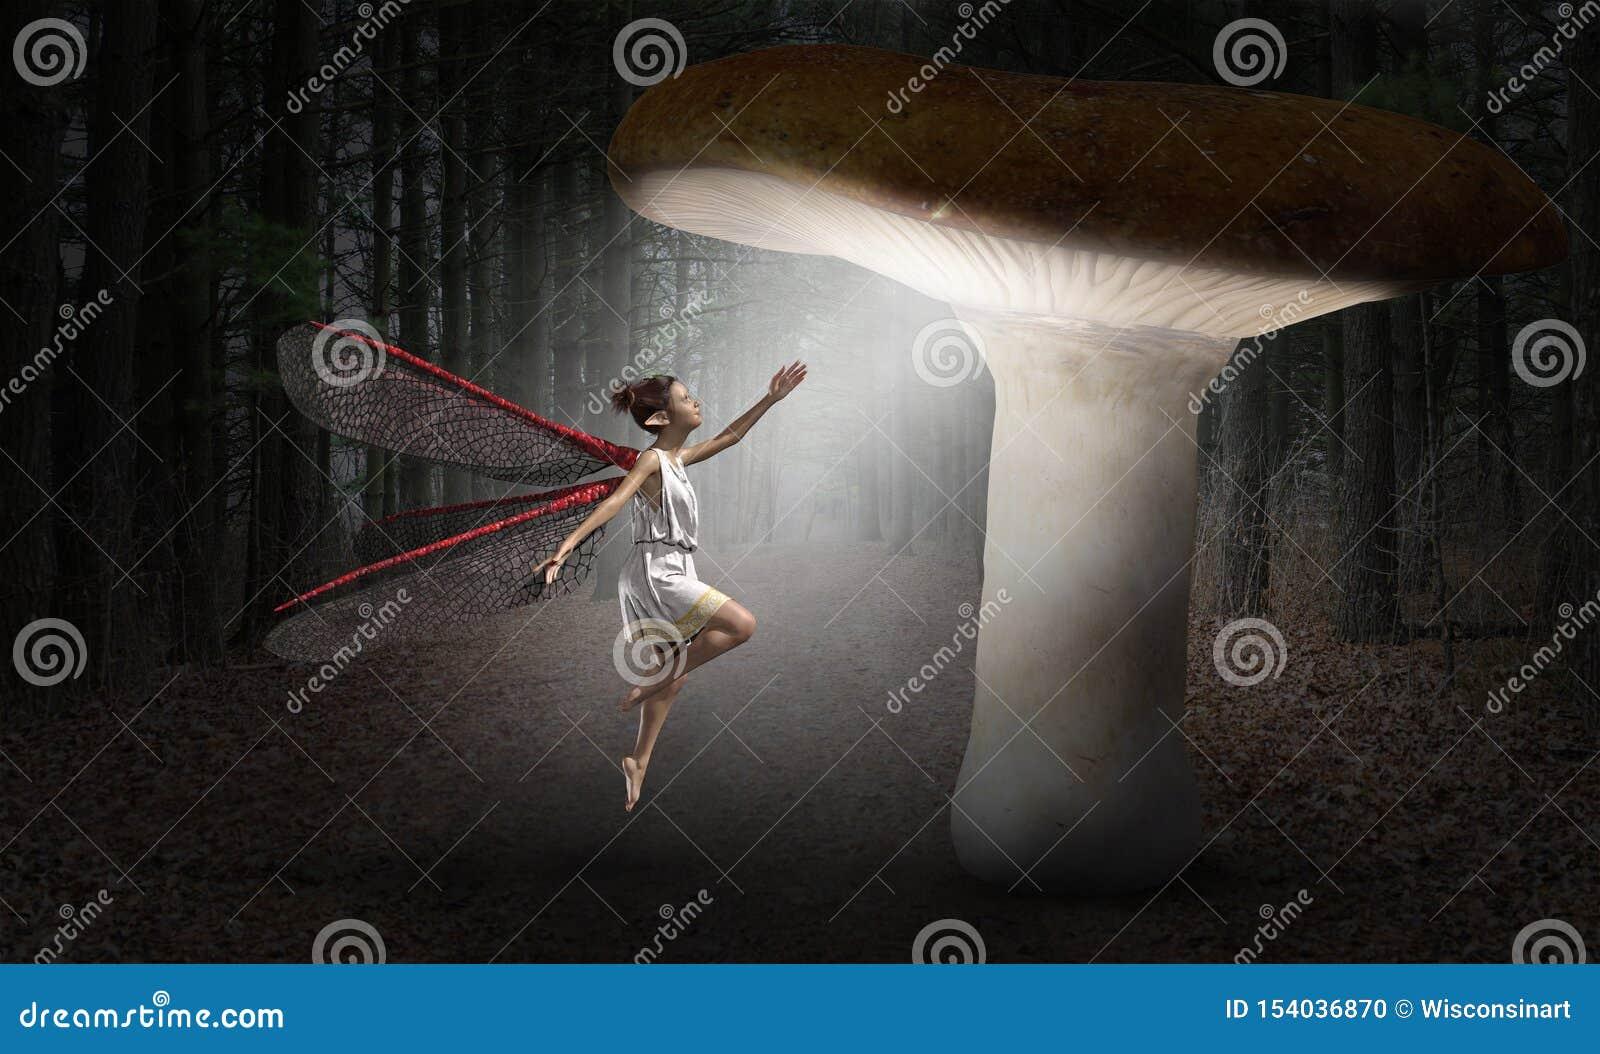 Fée surréaliste, forêt, imagination, imagination